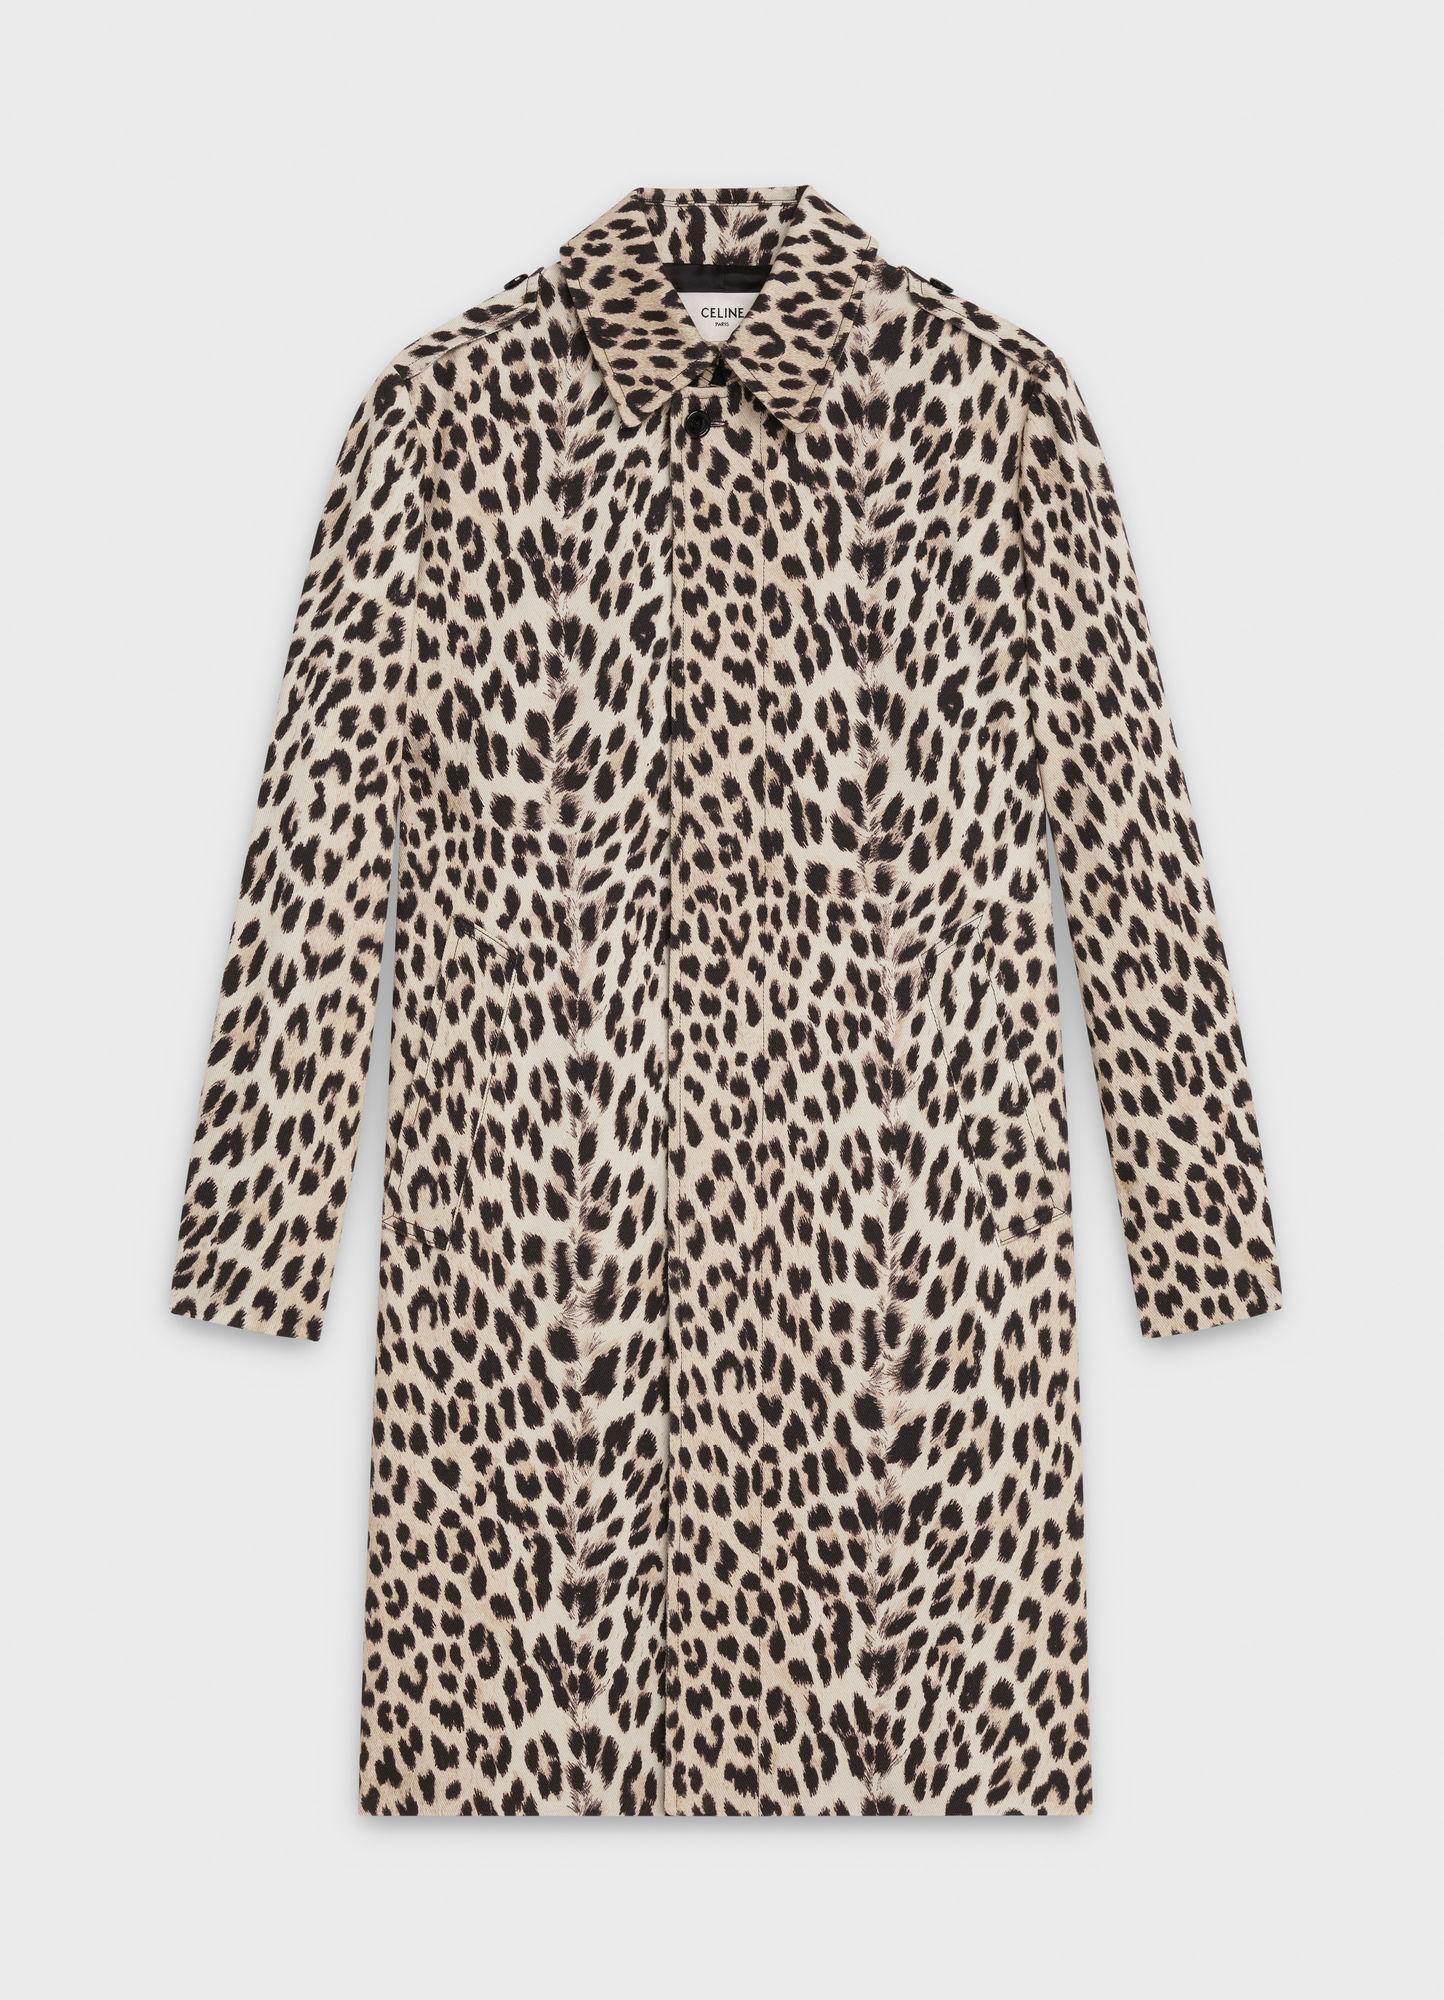 MAC COAT IN LEOPARD PRINTED COTTON   3,350 USD